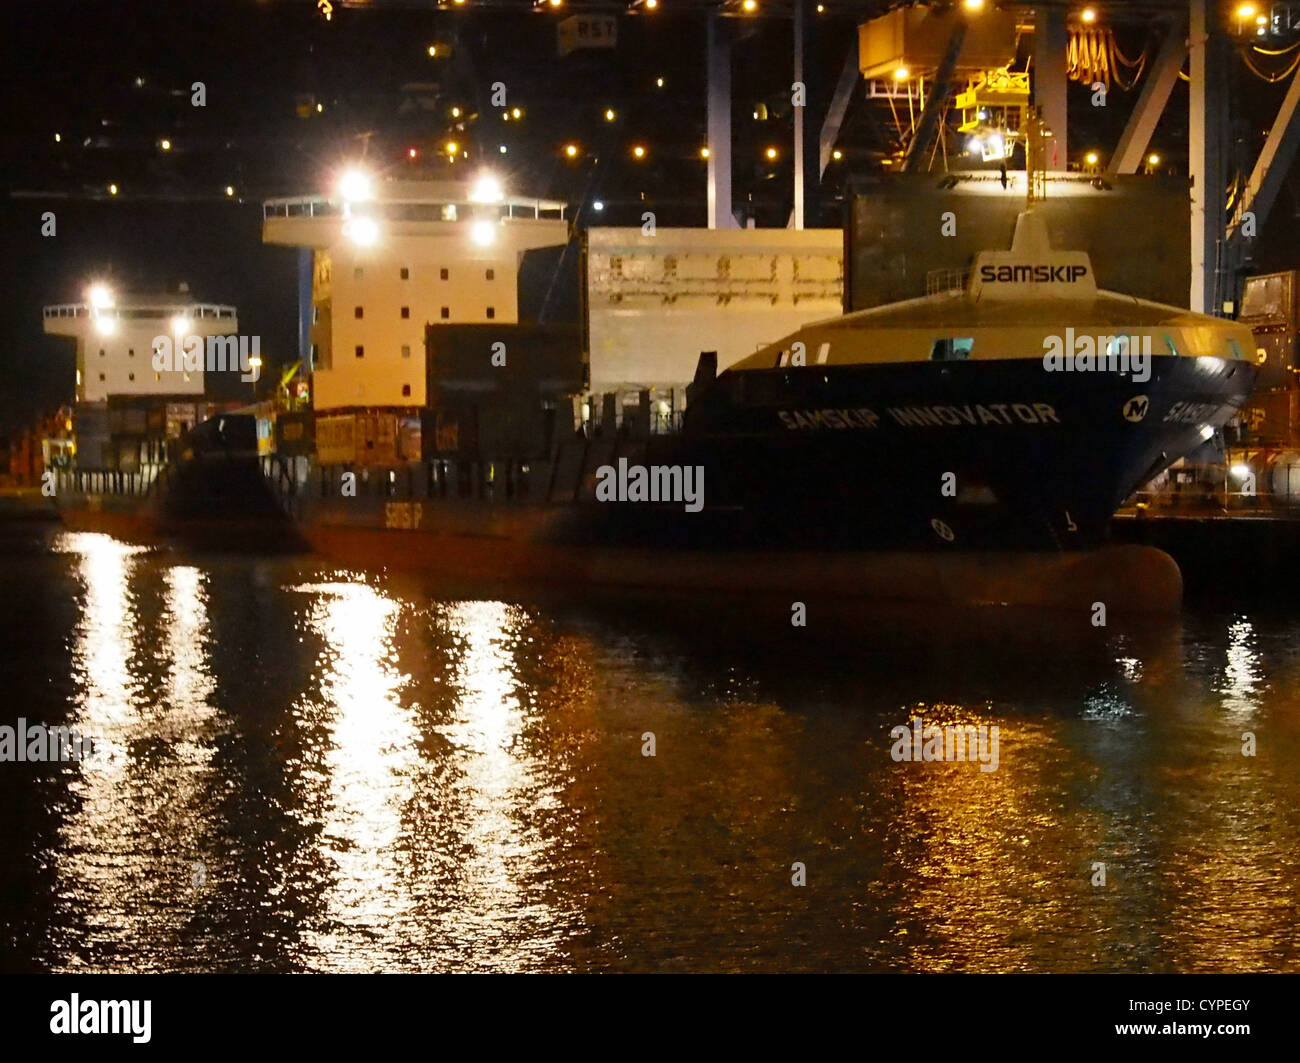 Samskip Innovator & Samskip Courier bei Nacht in Rotterdam Stockbild